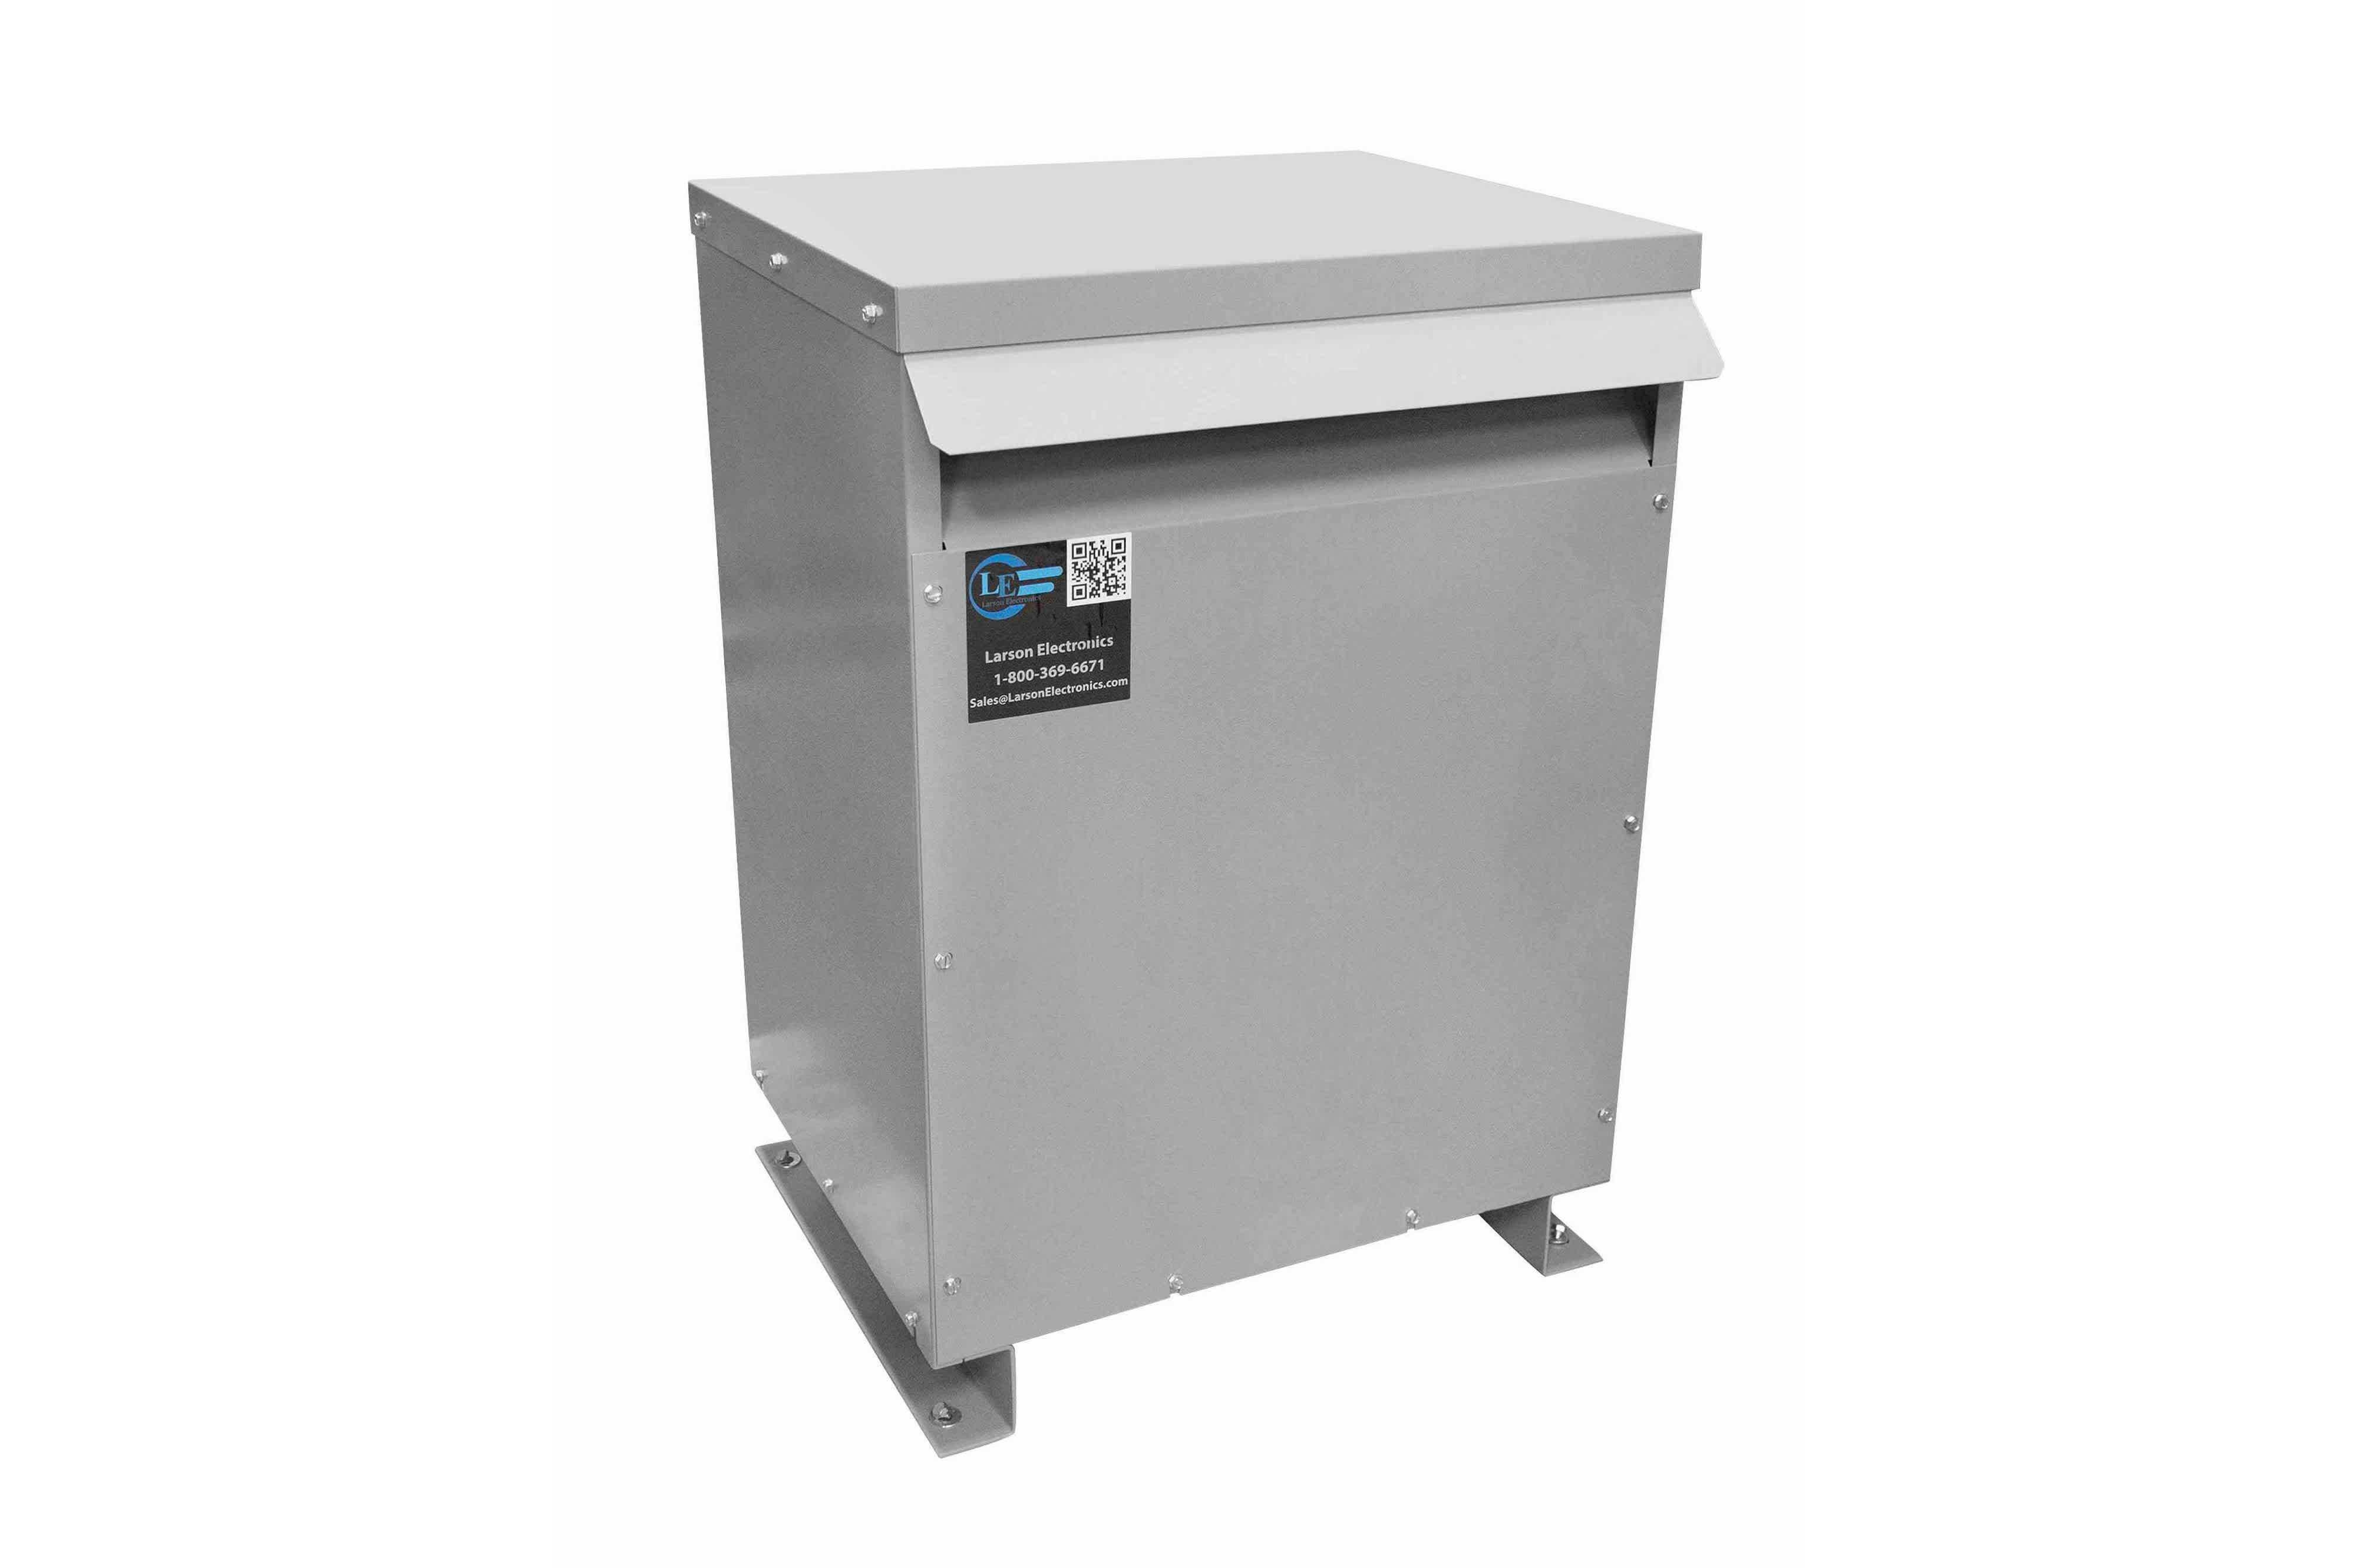 70 kVA 3PH Isolation Transformer, 208V Delta Primary, 380V Delta Secondary, N3R, Ventilated, 60 Hz